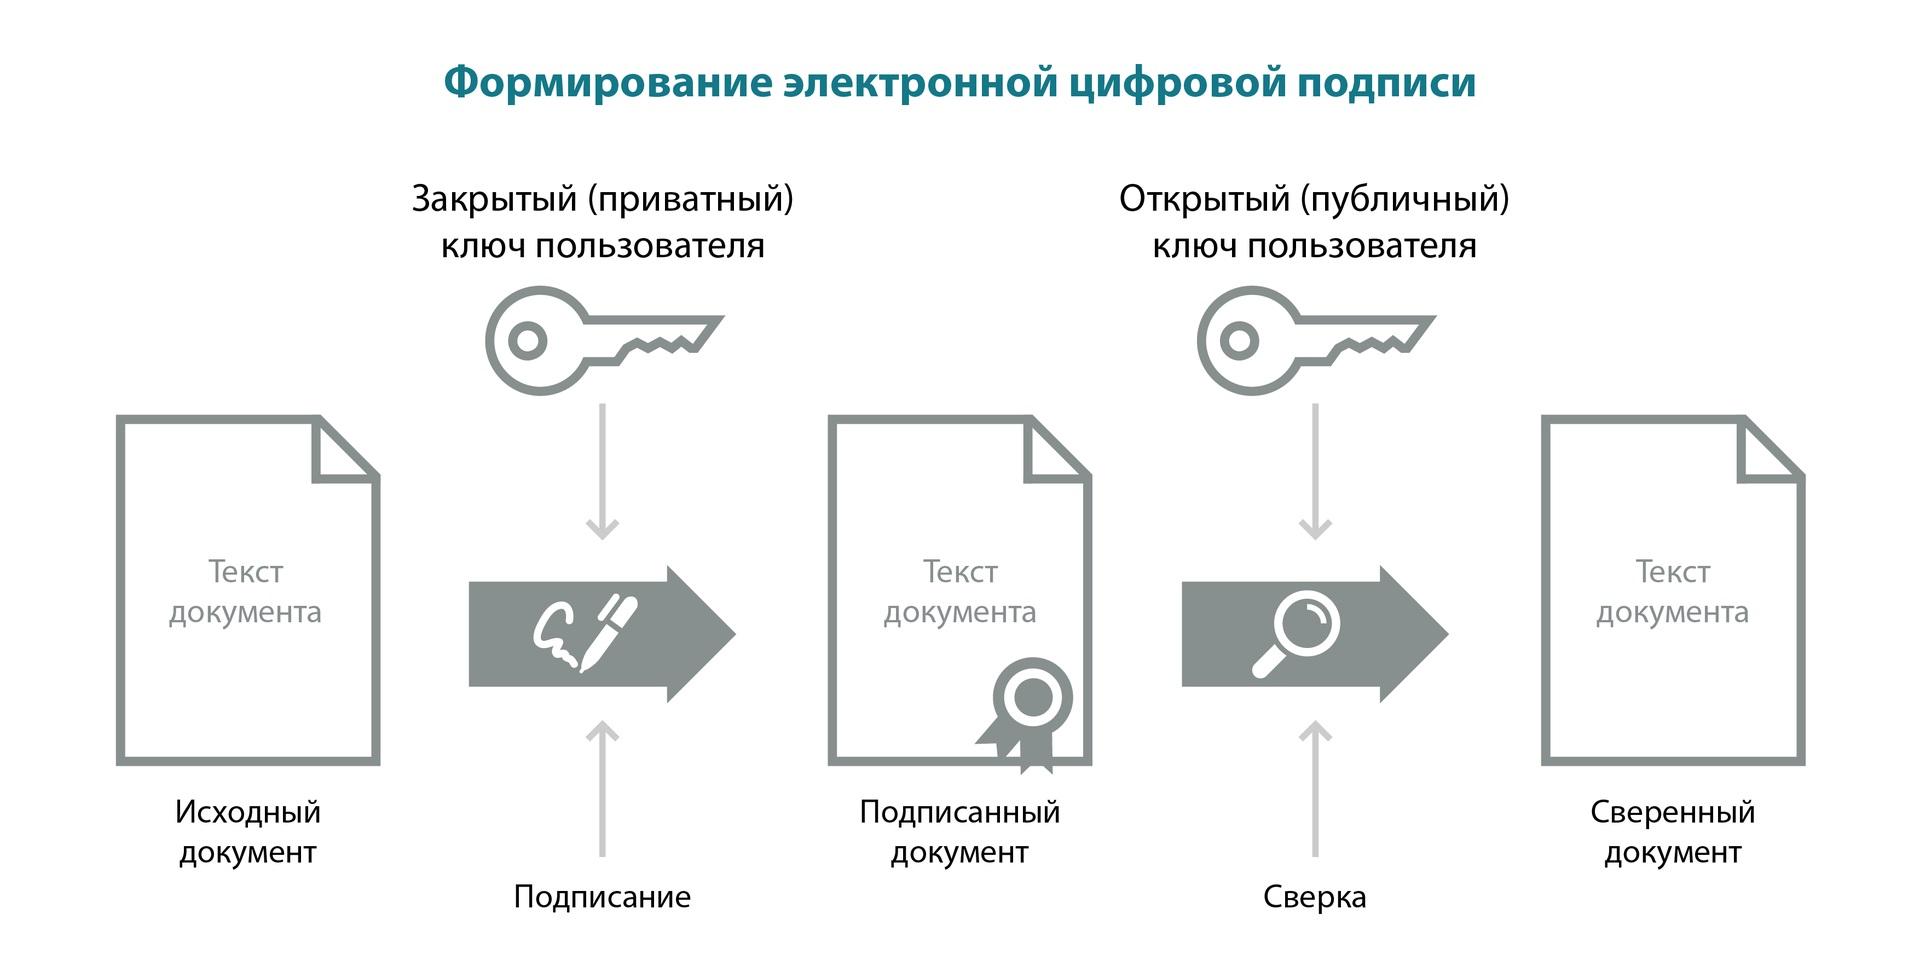 Схема подписания документа ЭП